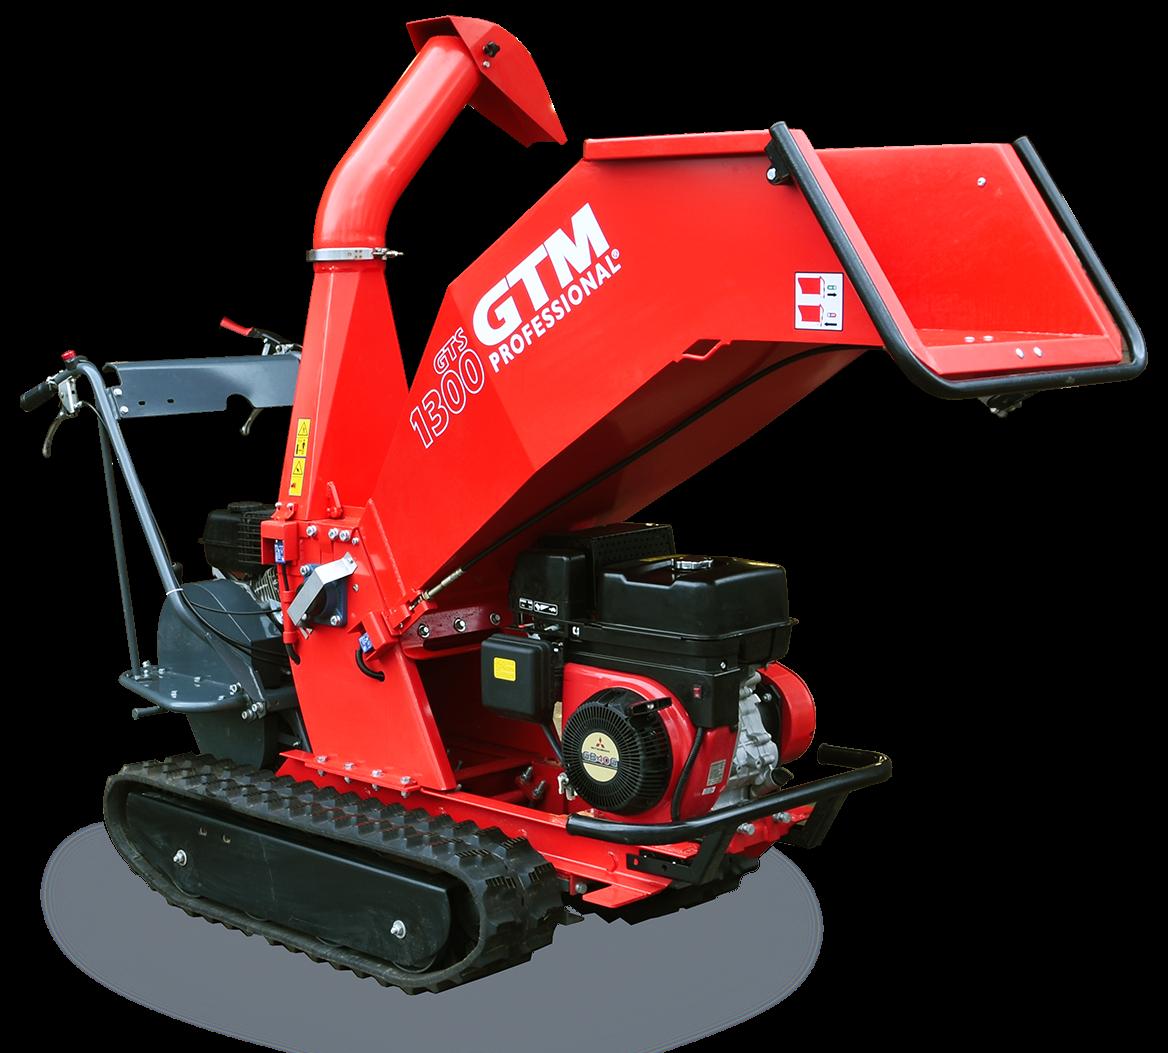 GTS1300RM